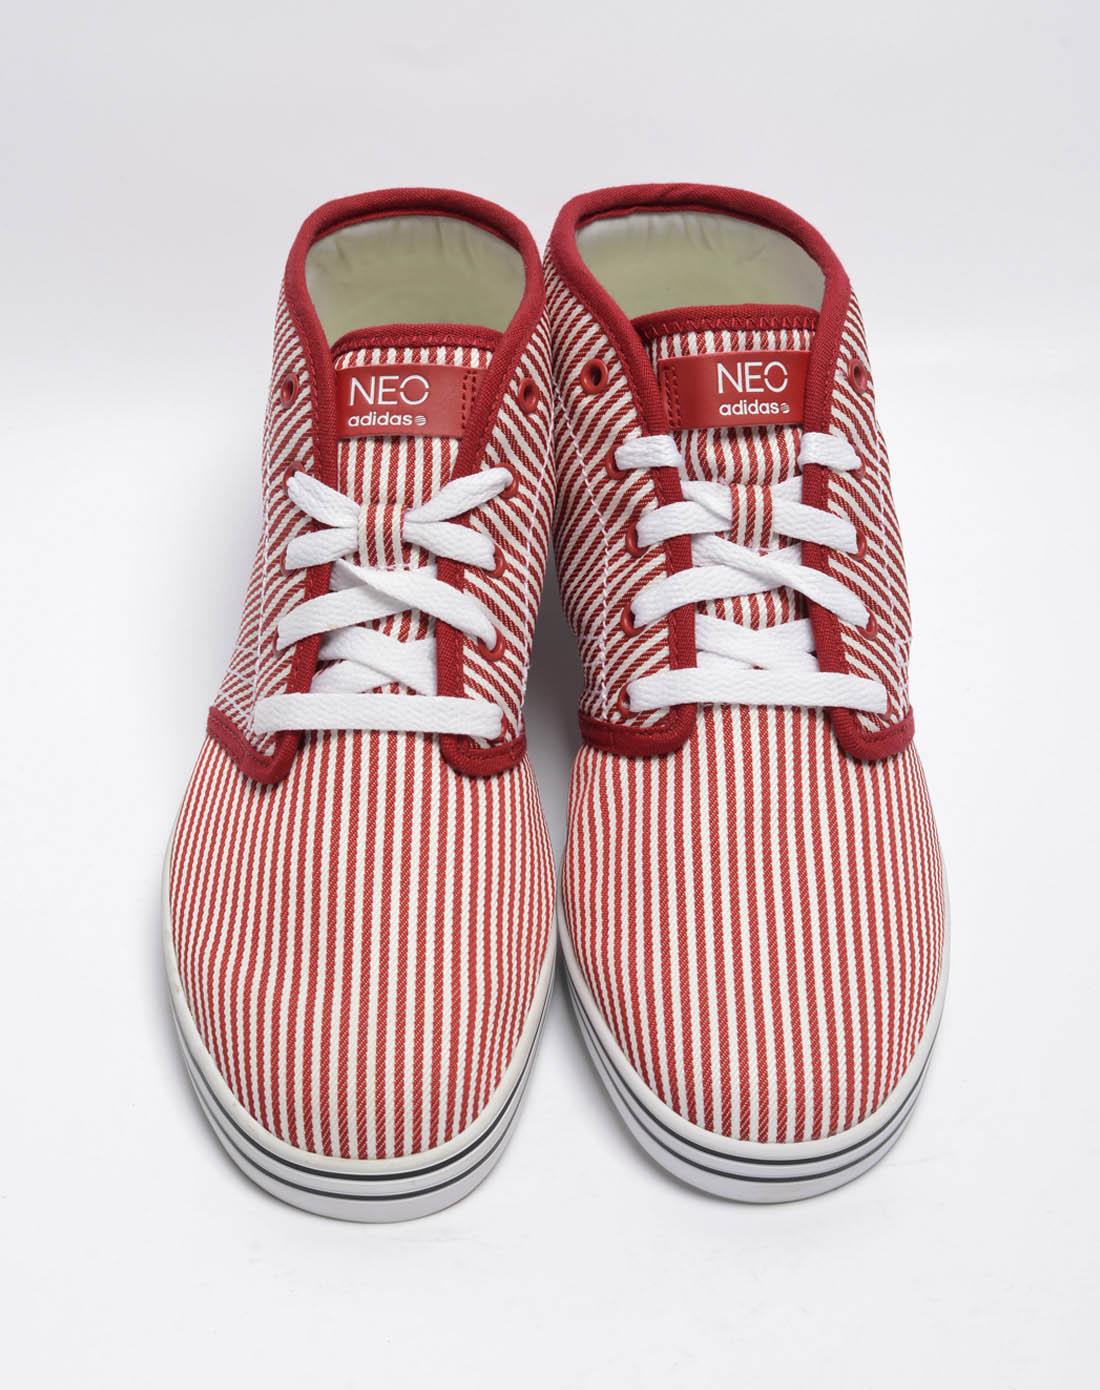 阿迪达斯adidas男子红 白复古鞋G53033 唯品会 -男子红 白复古鞋